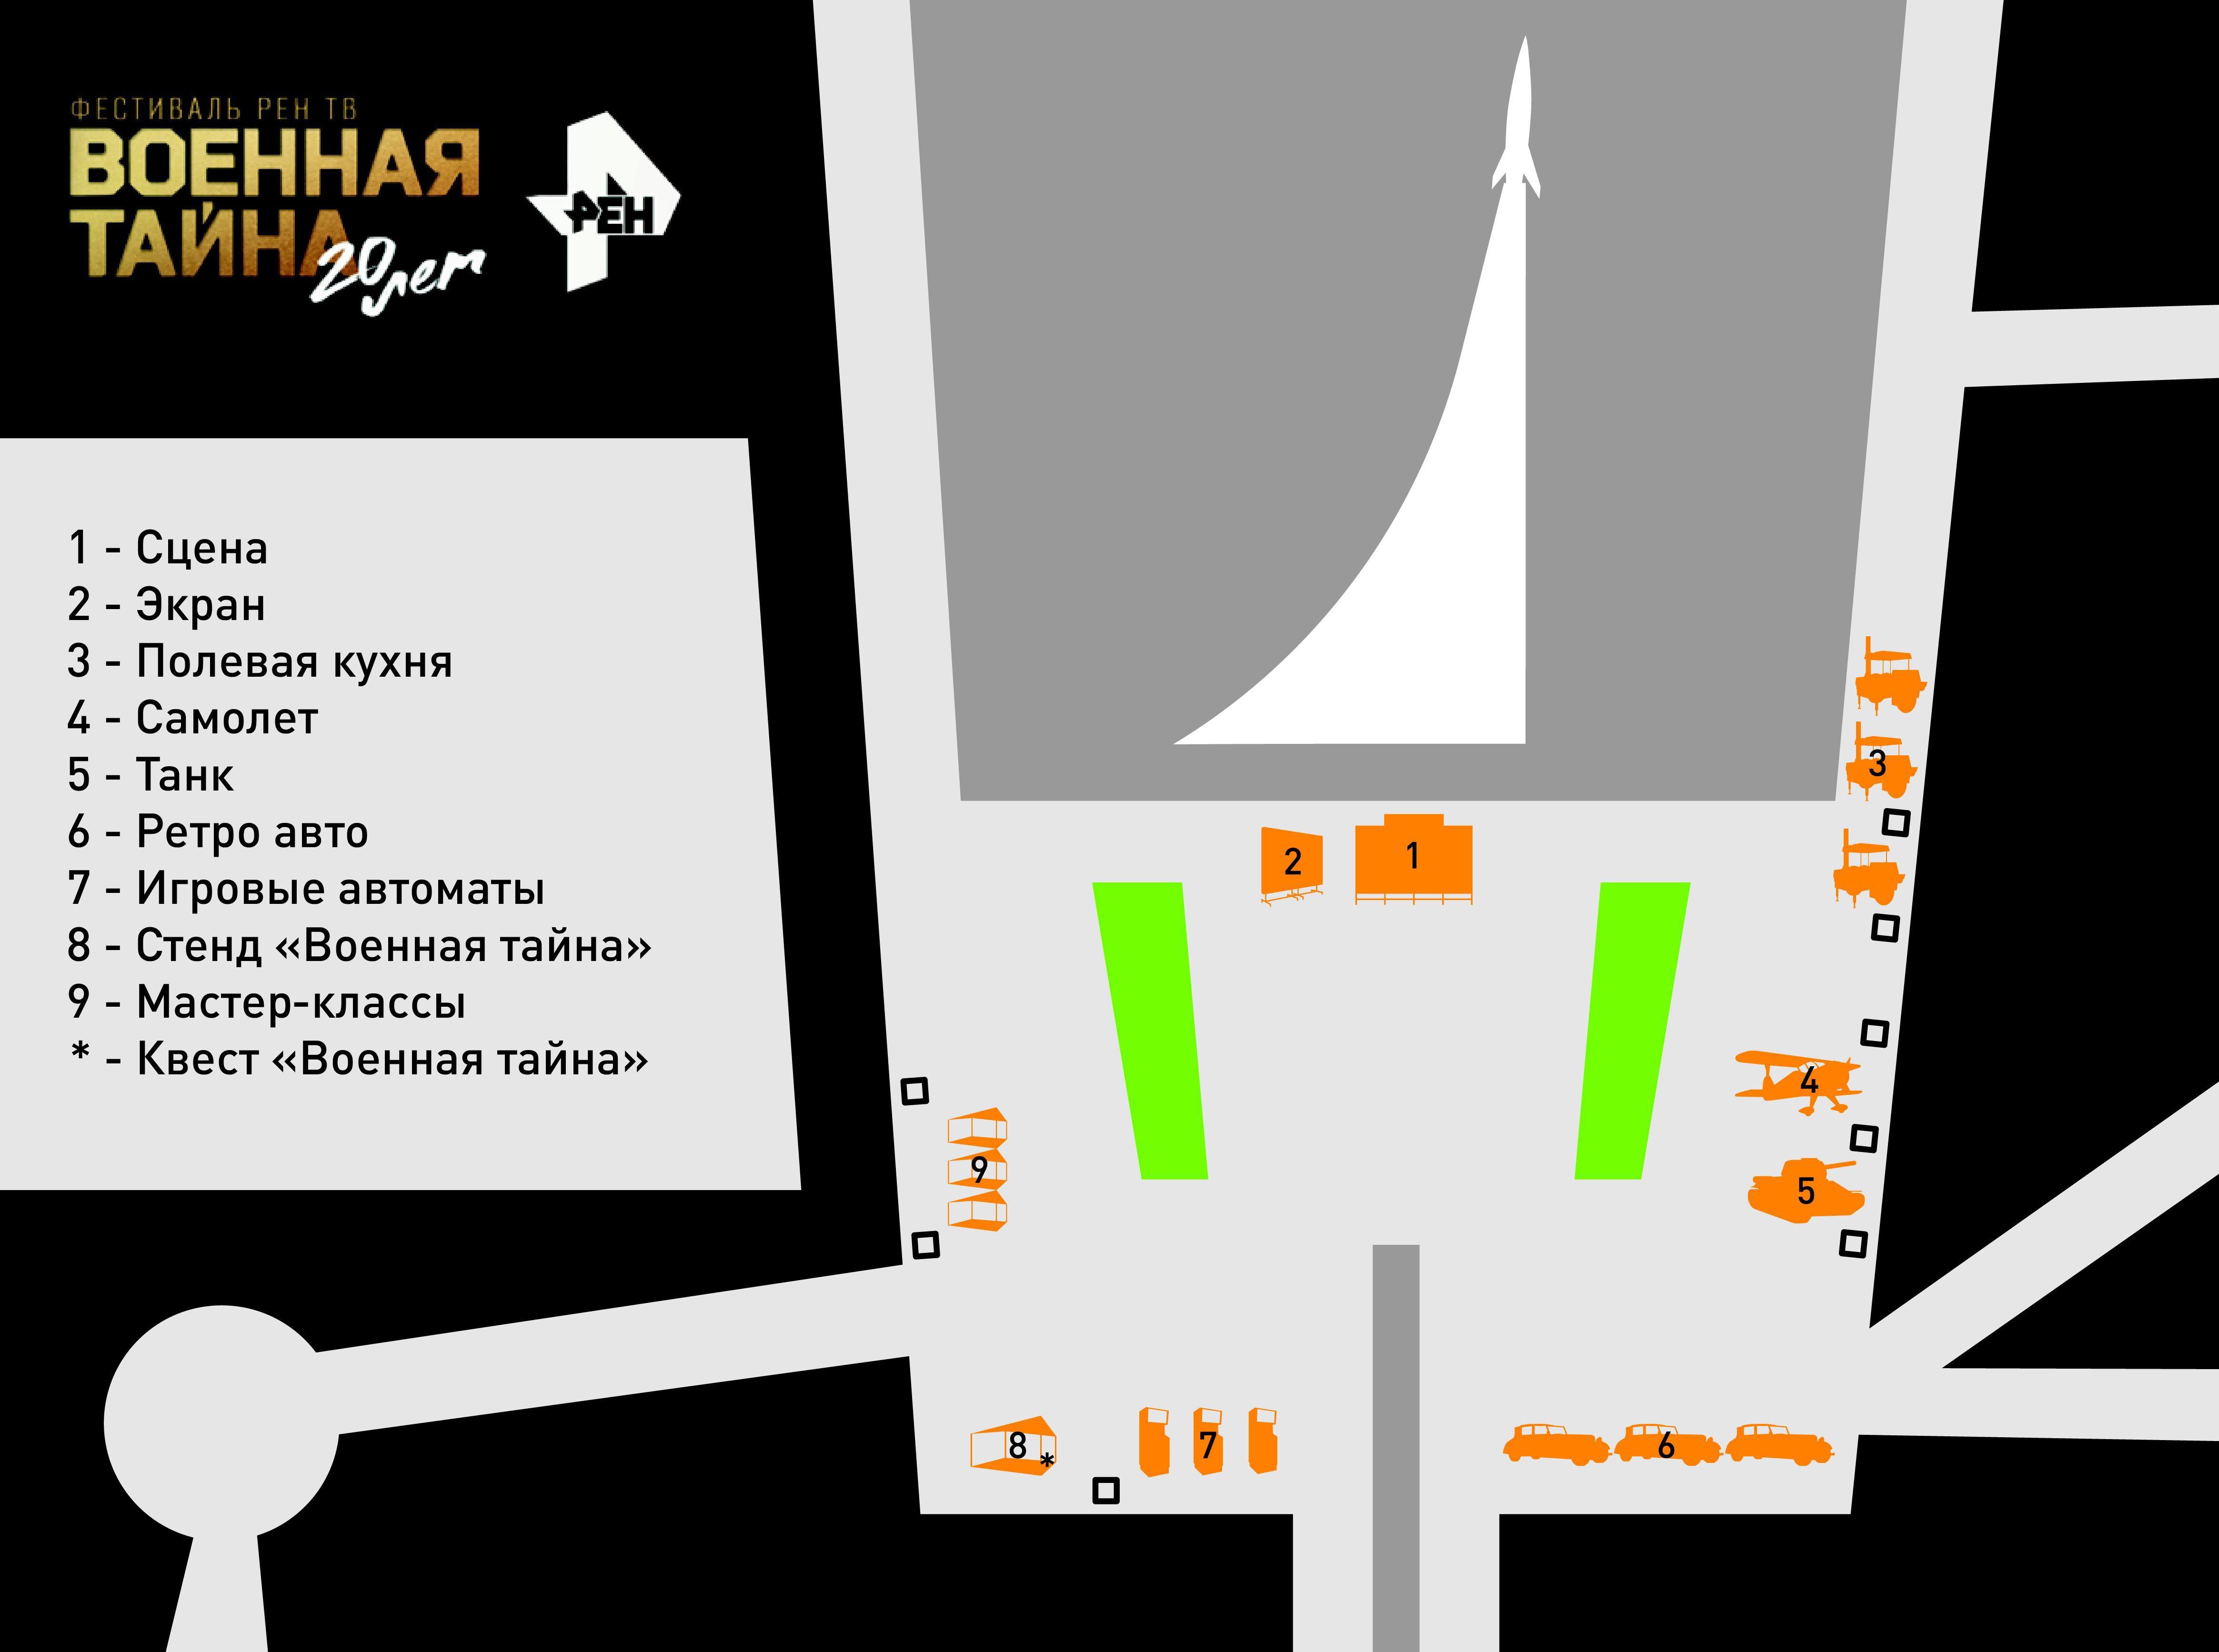 Фестиваль «Военная тайна РЕН ТВ» пройдет 10 сентября в Москве